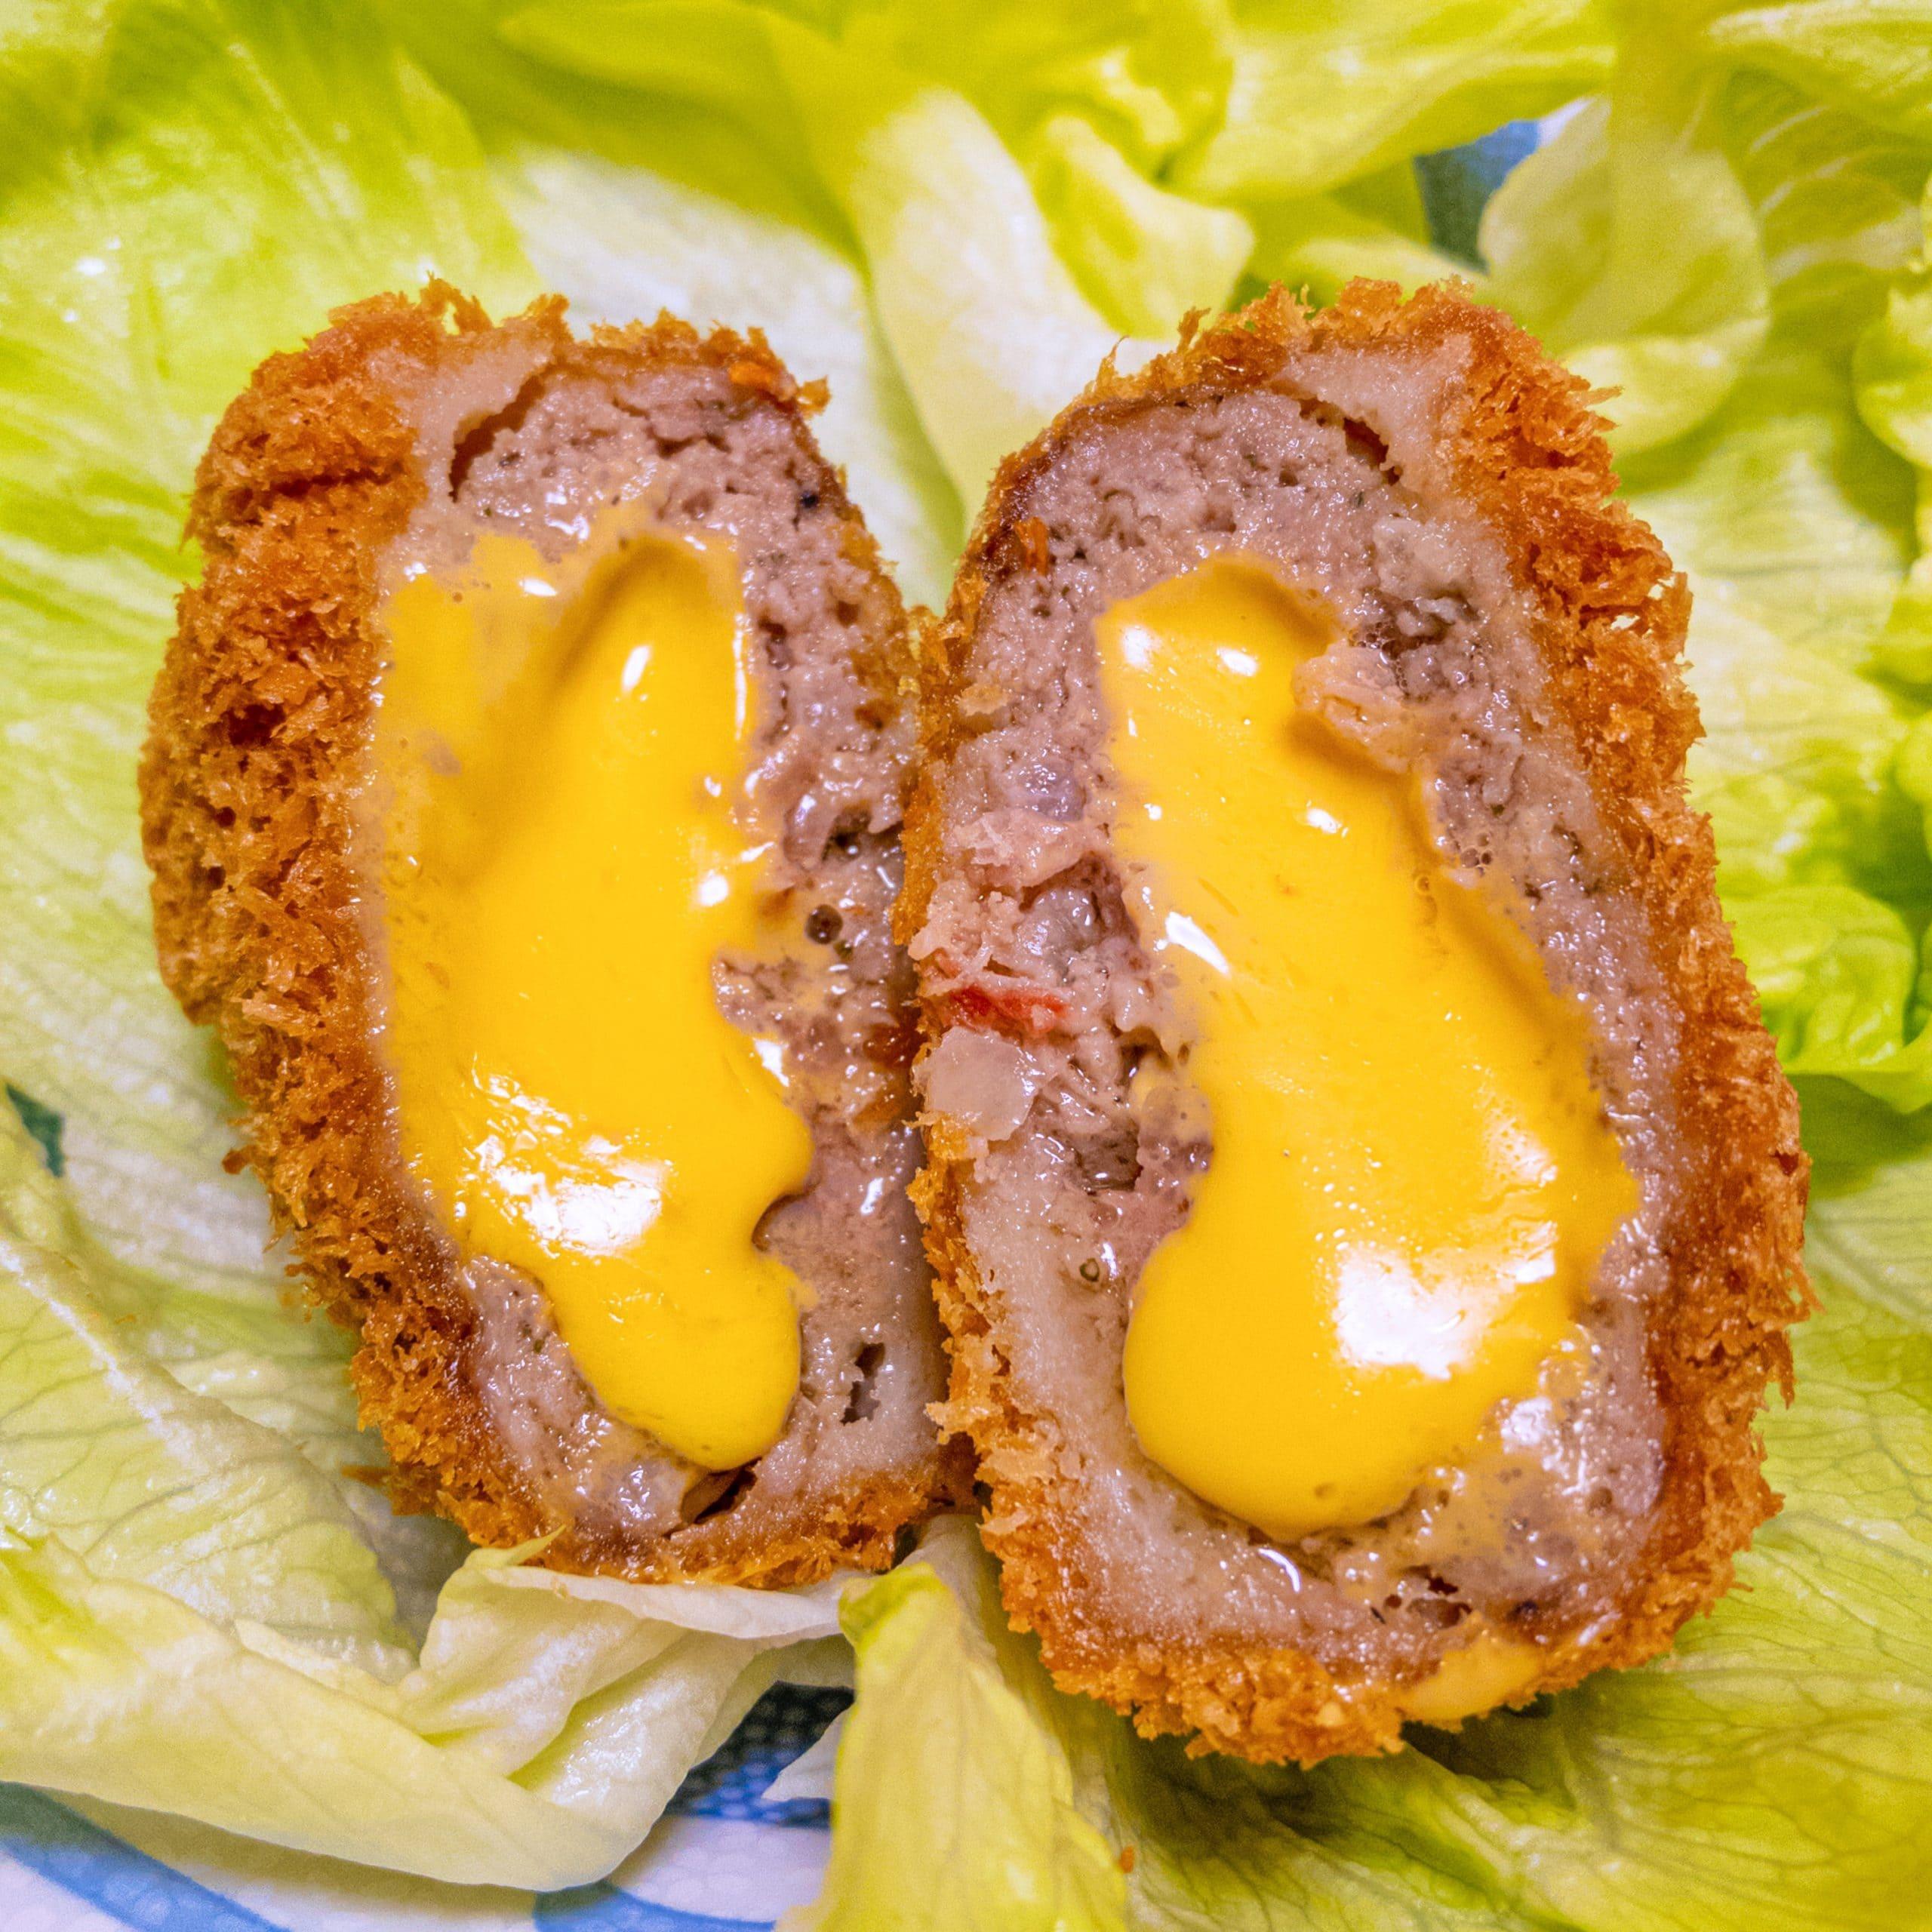 渋谷カツQメンチの「サクとろQチーズメンチ」を切った写真